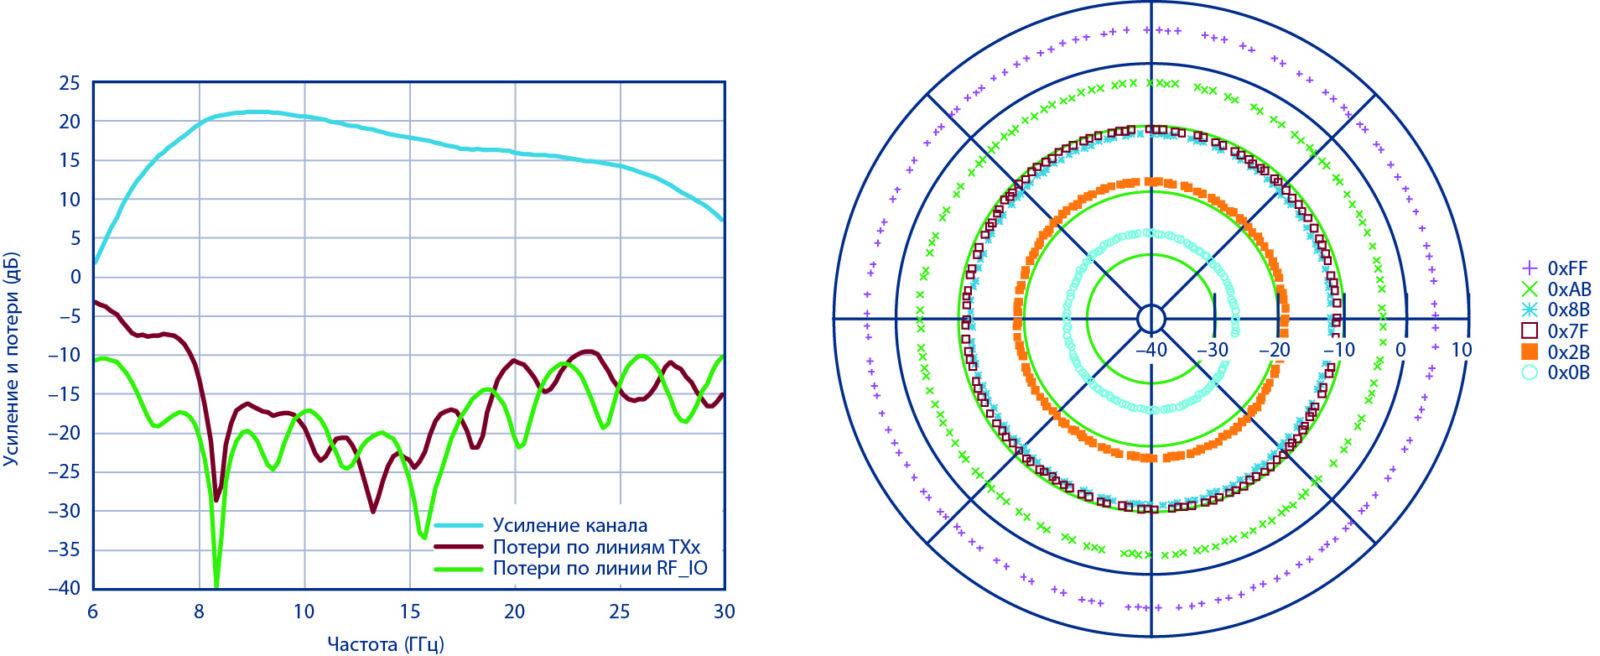 Усиление/потери и регулирование фазы/усиления ADAR1000 в режиме передачи при частоте 11,5 ГГц